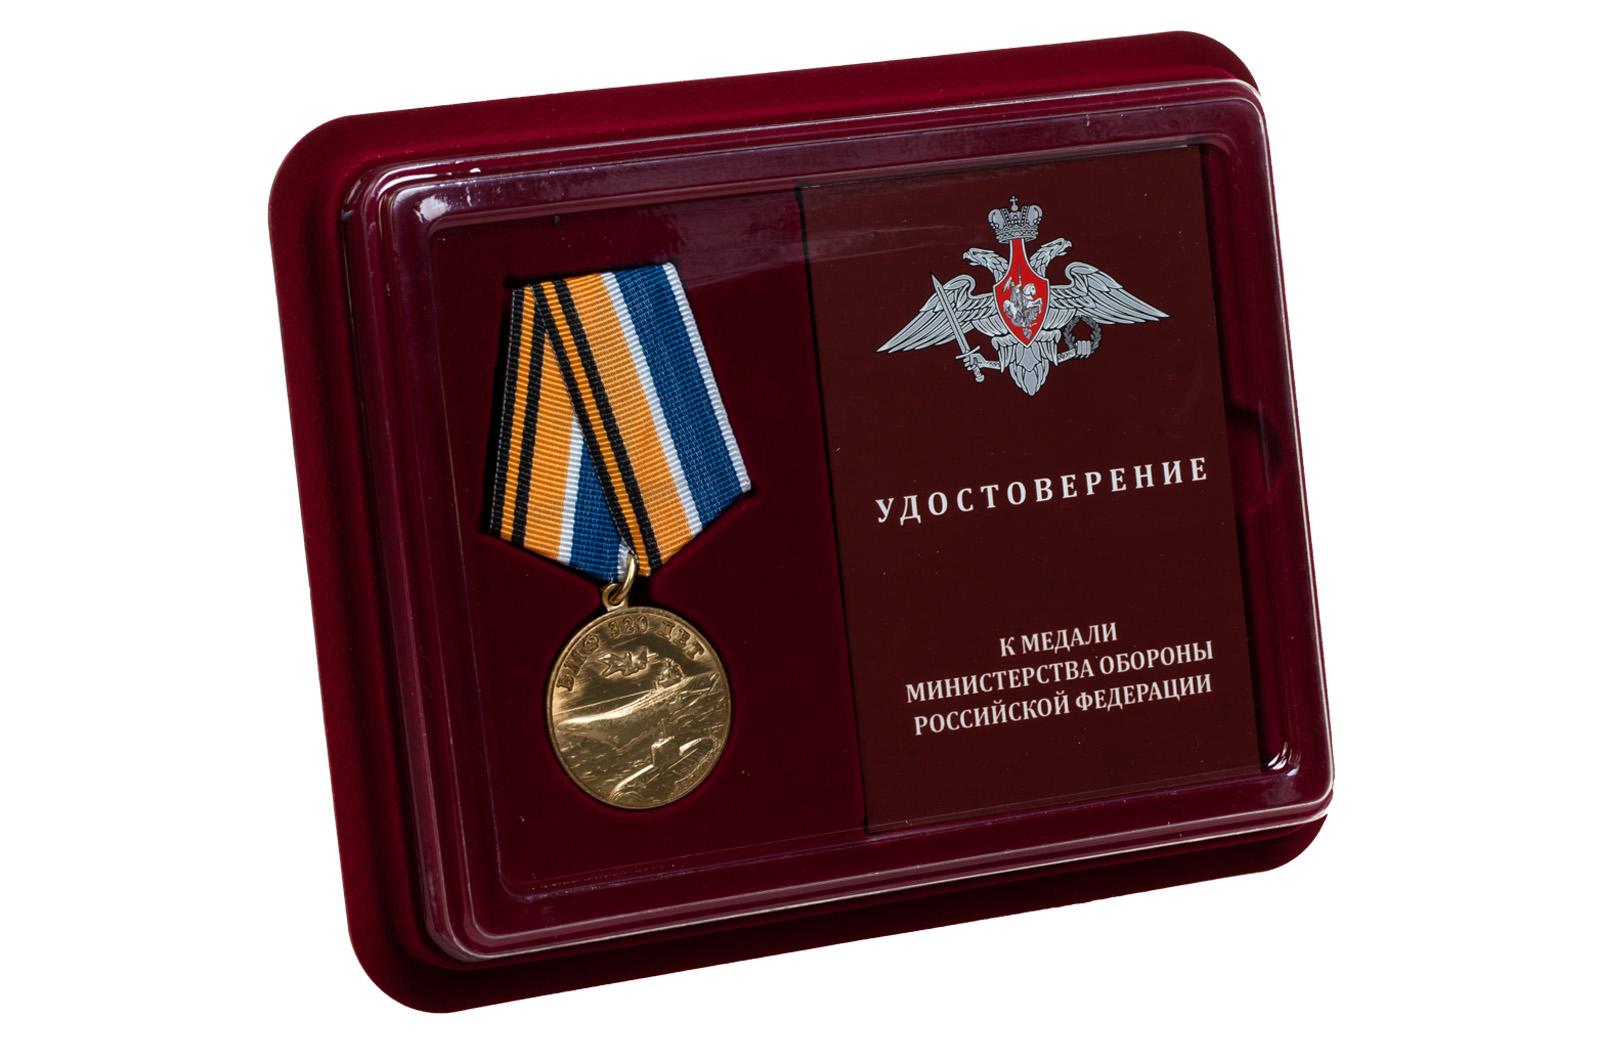 Купить памятную медаль 320 лет ВМФ МО РФ оптом выгодно